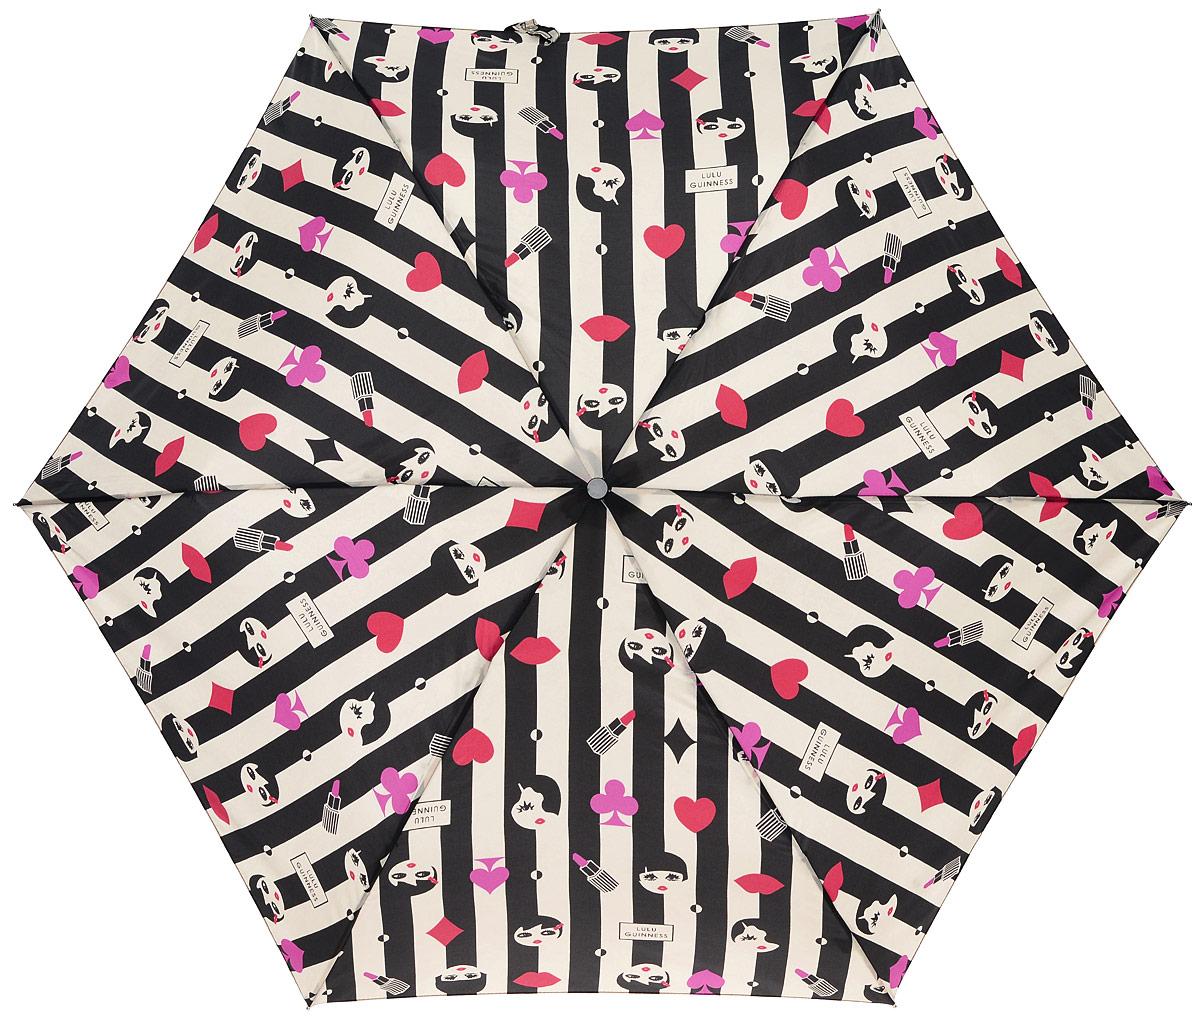 Зонт женский Lulu Guinness Superslim, механический, 3 сложения, цвет: черный, бежевый. L718-2683Колье (короткие одноярусные бусы)Стильный механический зонт Lulu Guinness Superslim в 3 сложения даже в ненастную погоду позволит вам оставаться элегантной. Облегченный каркас зонта выполнен из 6 спиц из фибергласса и алюминия, стержень также изготовлен из алюминия, удобная рукоятка - из пластика. Купол зонта выполнен из прочного полиэстера. В закрытом виде застегивается хлястиком на кнопке. Яркий оригинальный орнамент поднимет настроение в дождливый день.Зонт механического сложения: купол открывается и закрывается вручную до характерного щелчка.На рукоятке для удобства есть небольшой шнурок, позволяющий надеть зонт на руку тогда, когда это будет необходимо. К зонту прилагается чехол, который застегивается на липучку. Чехол оформлен нашивкой с названием бренда. Такой зонт компактно располагается в кармане, сумочке, дверке автомобиля.